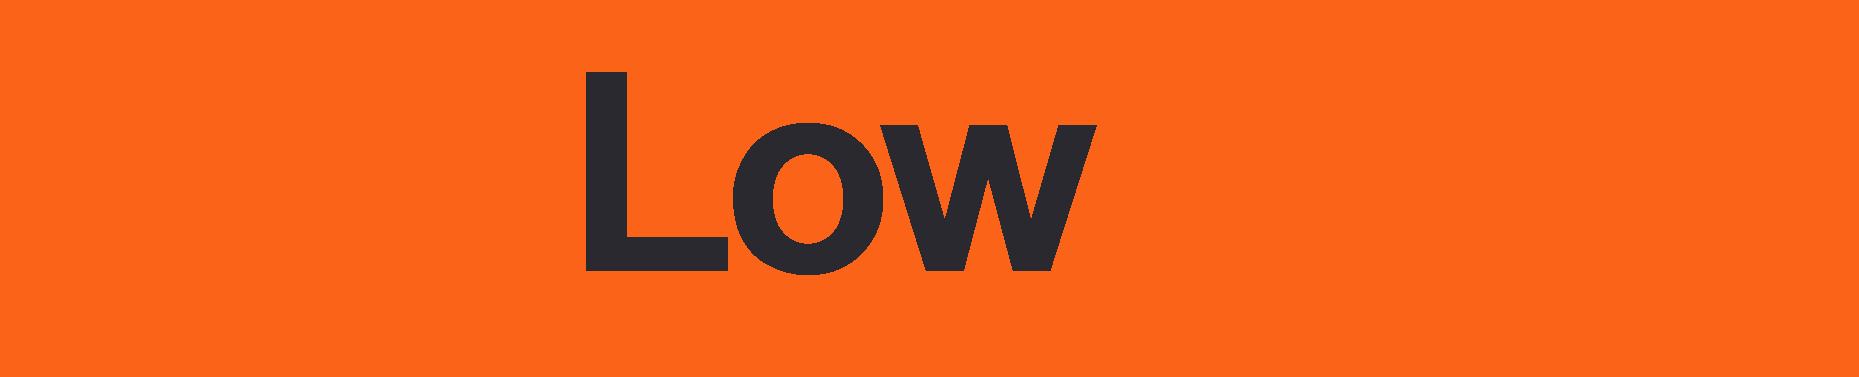 low hum generators logo color orange